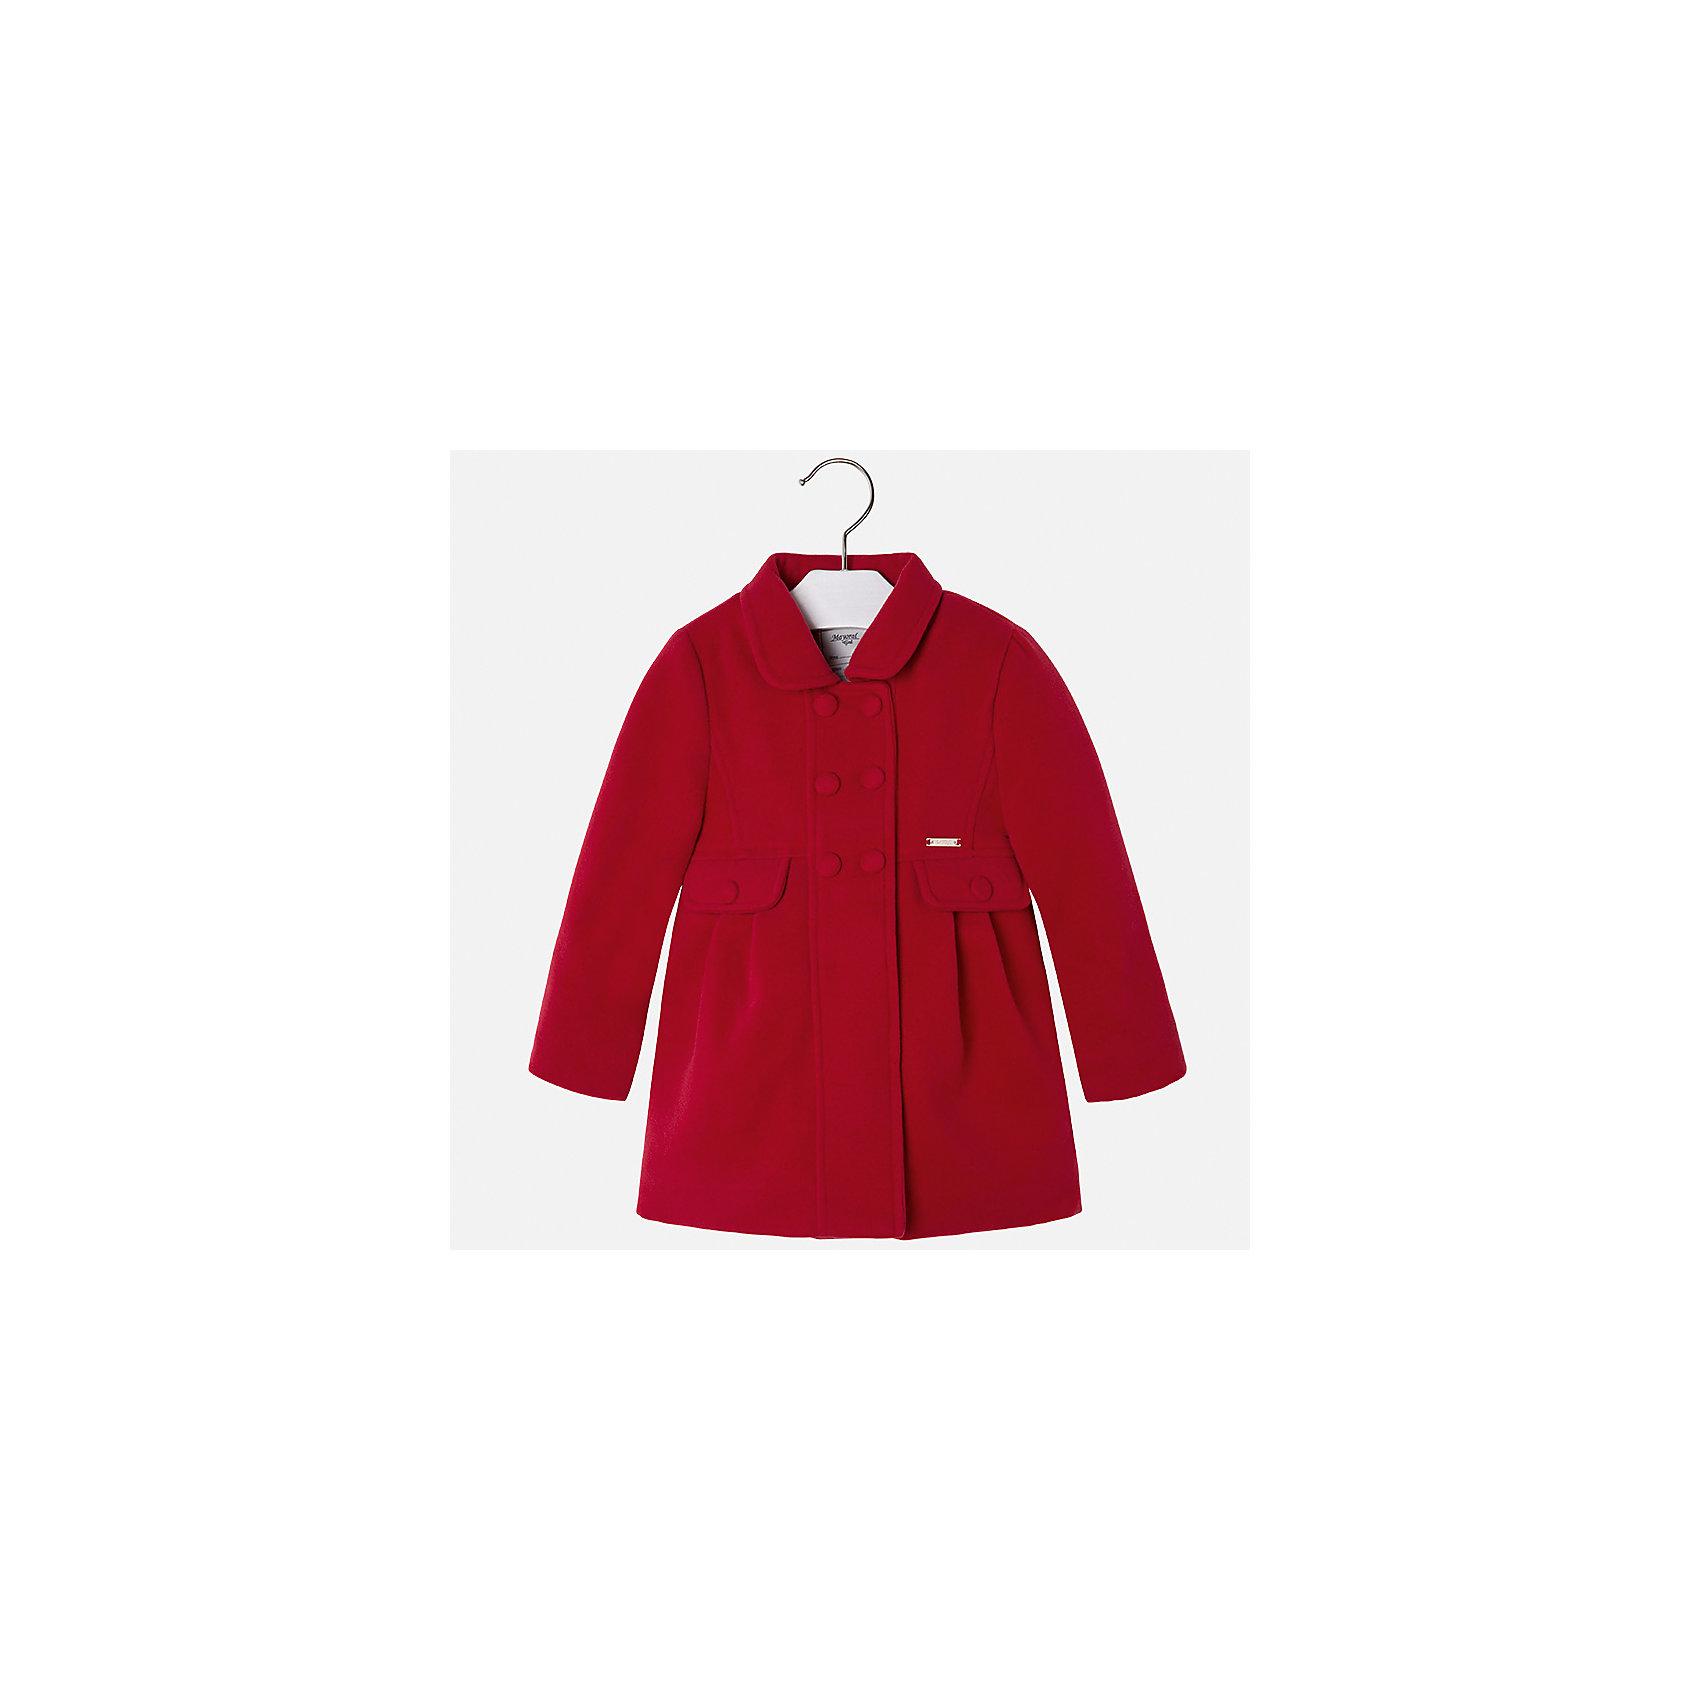 Пальто Mayoral для девочкиПальто и плащи<br>Характеристики товара:<br><br>• цвет: красный<br>• состав ткани: 90% полиэстер, 8% вискоза, 2% эластан, подклад - 100% полиэстер<br>• застежка: пуговицы<br>• длинные рукава<br>• сезон: демисезон<br>• температурный режим: от -5 до +5<br>• страна бренда: Испания<br>• страна изготовитель: Индия<br><br>Красное пальто для девочки от Майорал поможет обеспечить тепло и комфорт. Эффектная детская верхняя одежда от Mayoral отличается модным силуэтом и актуальной расцветкой. <br><br>Для производства детской одежды популярный бренд Mayoral использует только качественную фурнитуру и материалы. Оригинальные и модные вещи от Майорал неизменно привлекают внимание и нравятся детям.<br><br>Пальто для девочки Mayoral (Майорал) можно купить в нашем интернет-магазине.<br><br>Ширина мм: 356<br>Глубина мм: 10<br>Высота мм: 245<br>Вес г: 519<br>Цвет: красный<br>Возраст от месяцев: 96<br>Возраст до месяцев: 108<br>Пол: Женский<br>Возраст: Детский<br>Размер: 134,92,98,104,110,116,122,128<br>SKU: 6924279